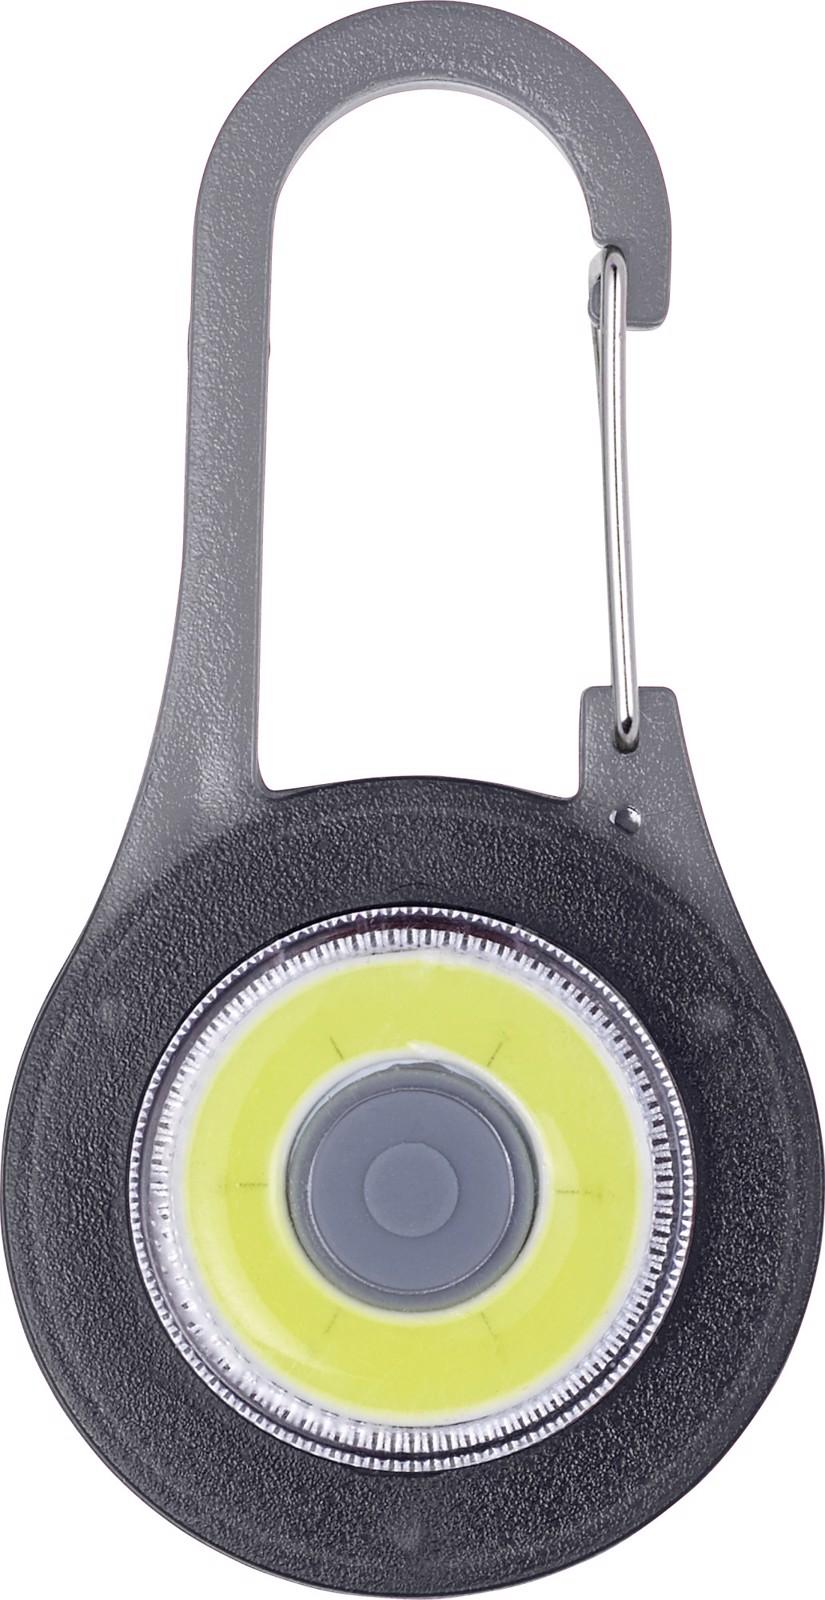 ABS 2-in-1 carabiner hook - Black